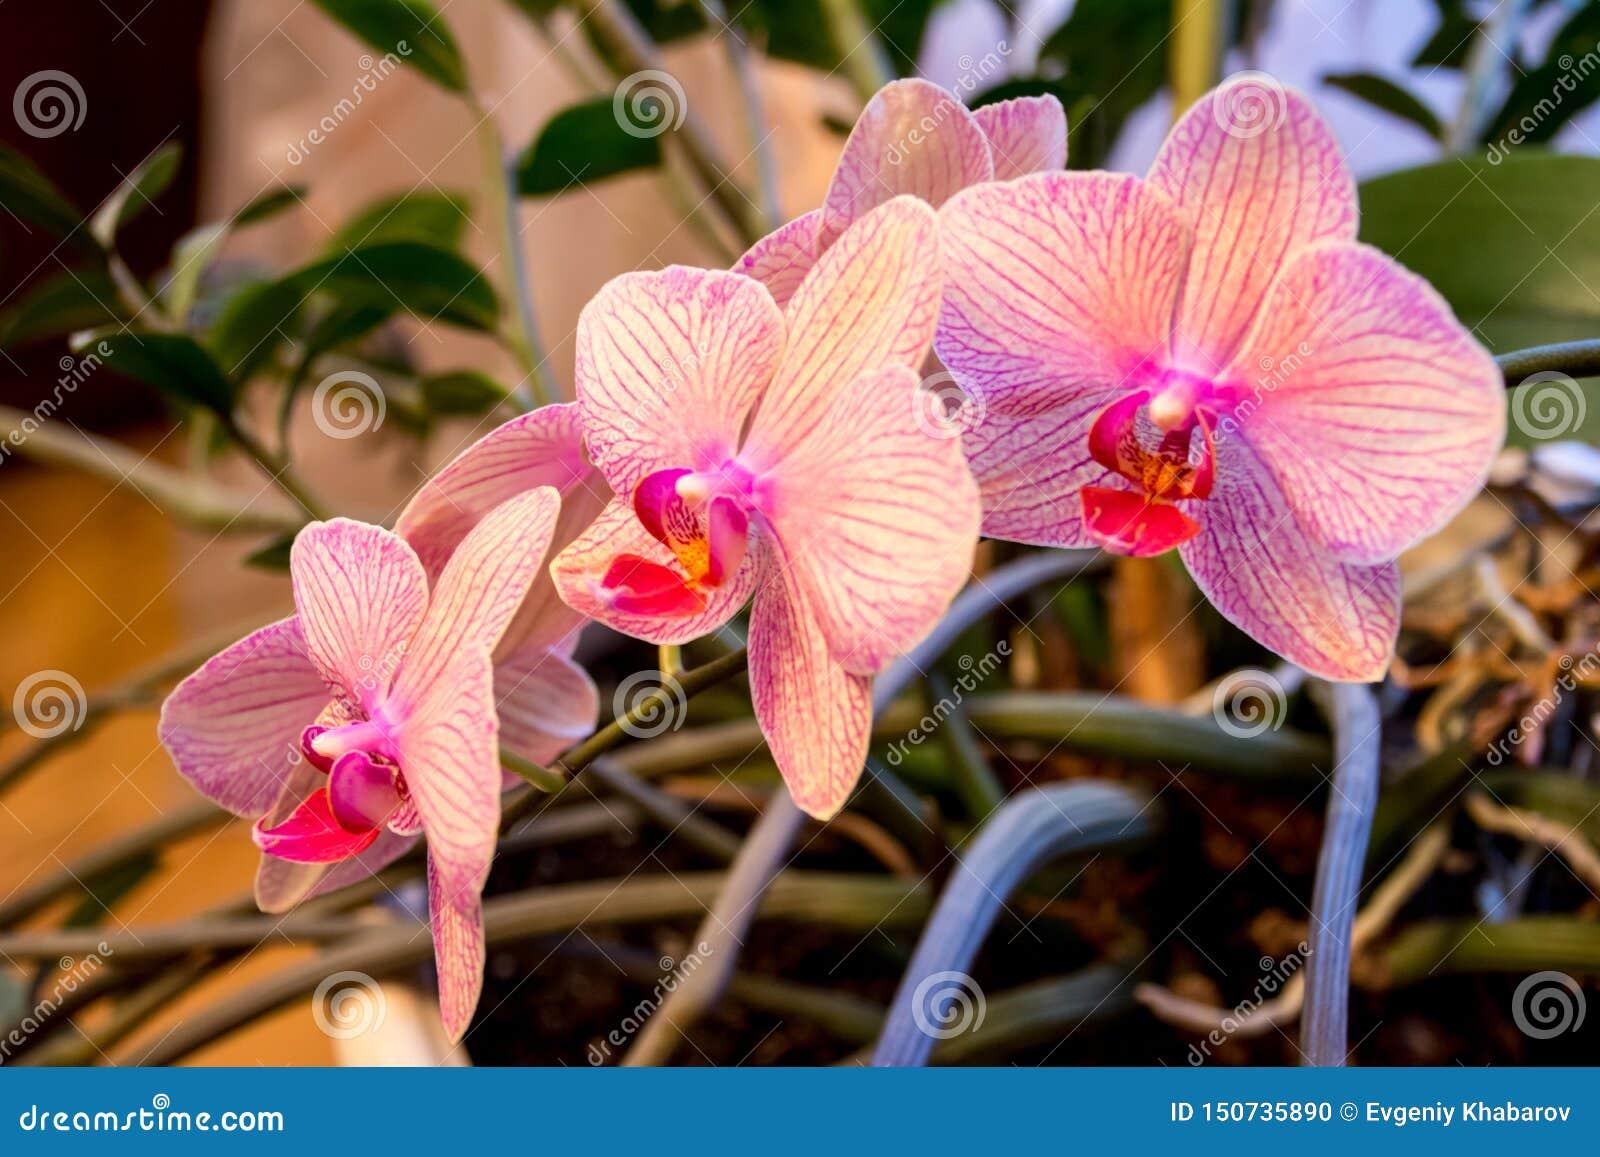 Phalaenopsisorkidéblomman, orkidér är drottningen av blommor i Thailand